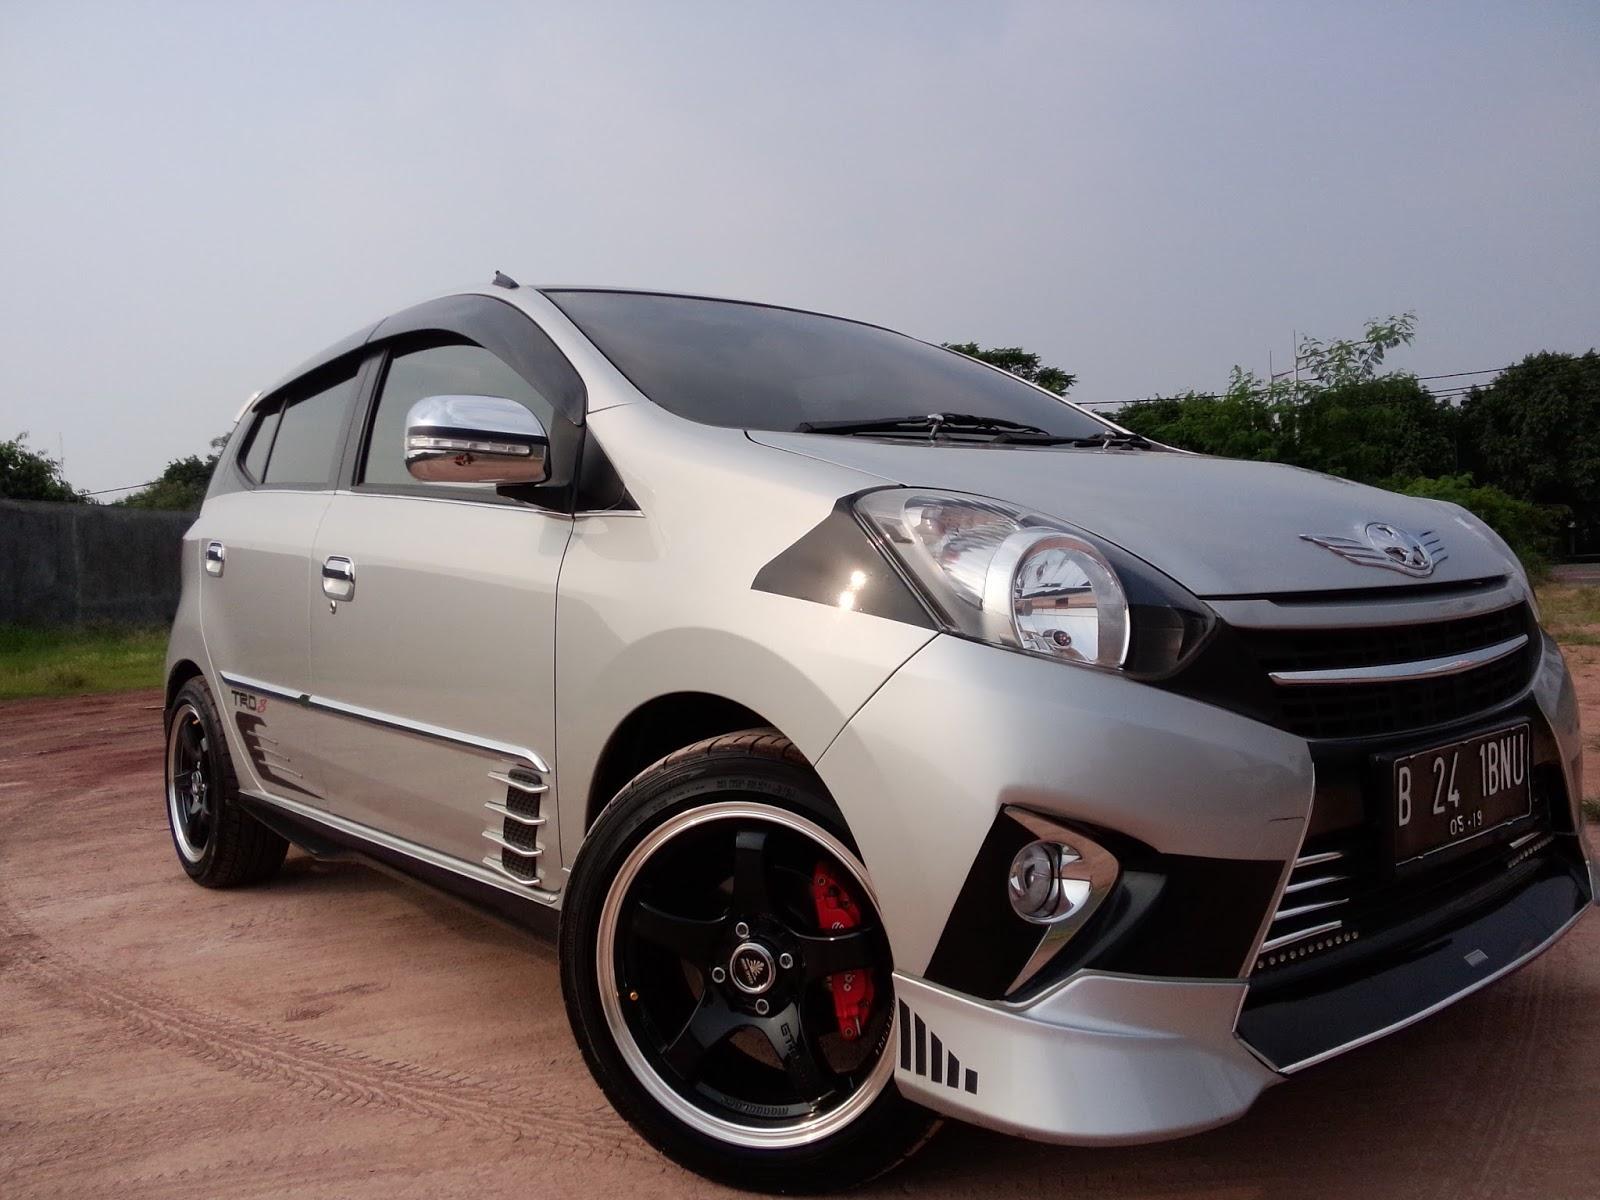 New Agya Trd Manual Toyota Yaris Sportivo 2014 Gambar Modifikasi Mobil Tebaru Warna Putih Biru